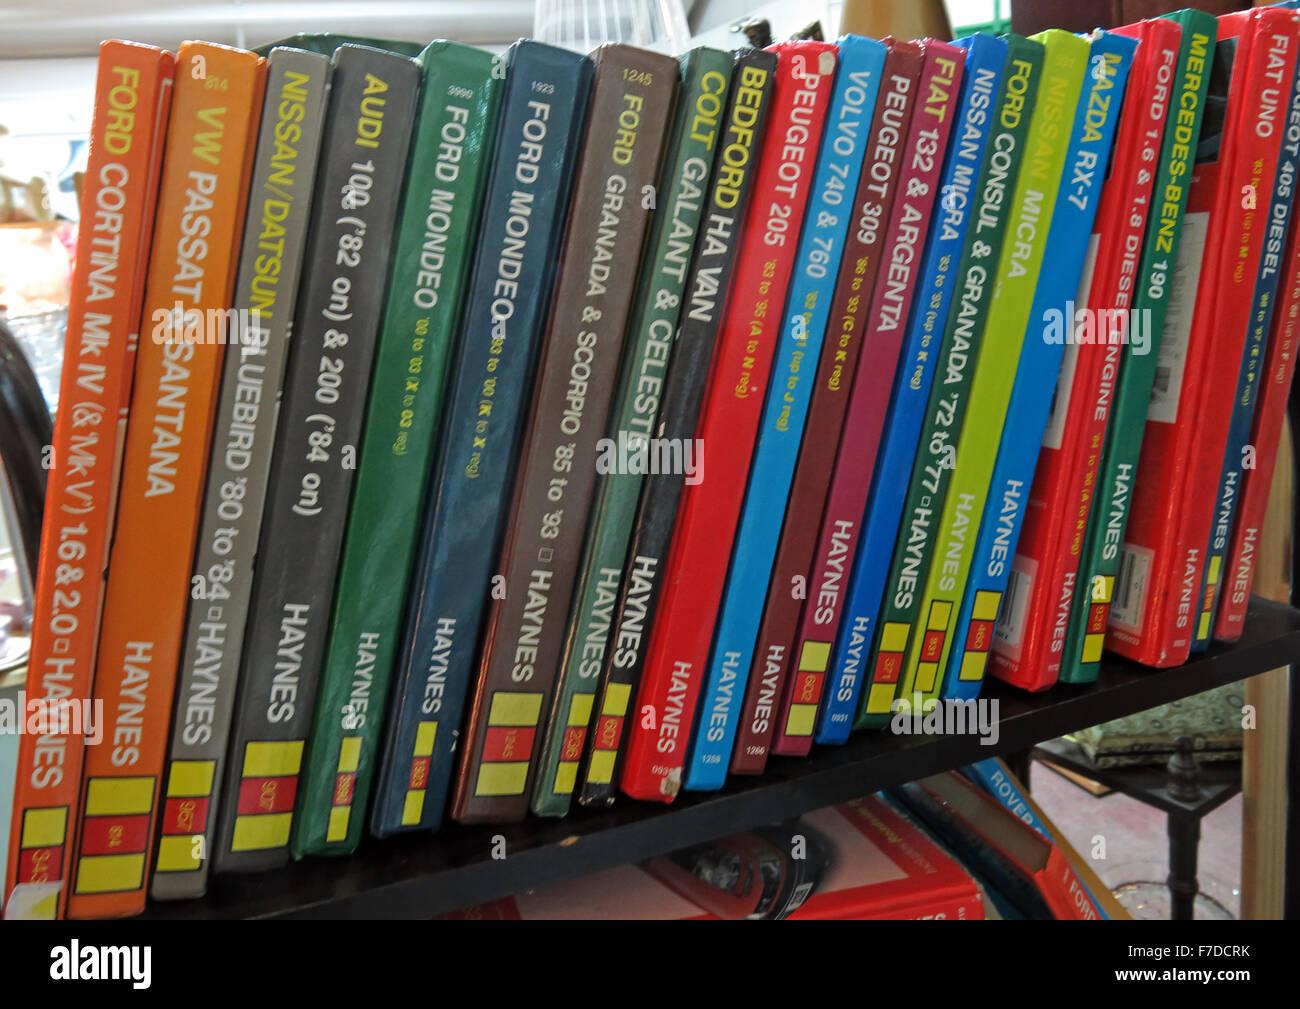 Laden Sie dieses Alamy Stockfoto Bücherregal von Haynes Auto Wartung Handbücher, England, UK - F7DCRK